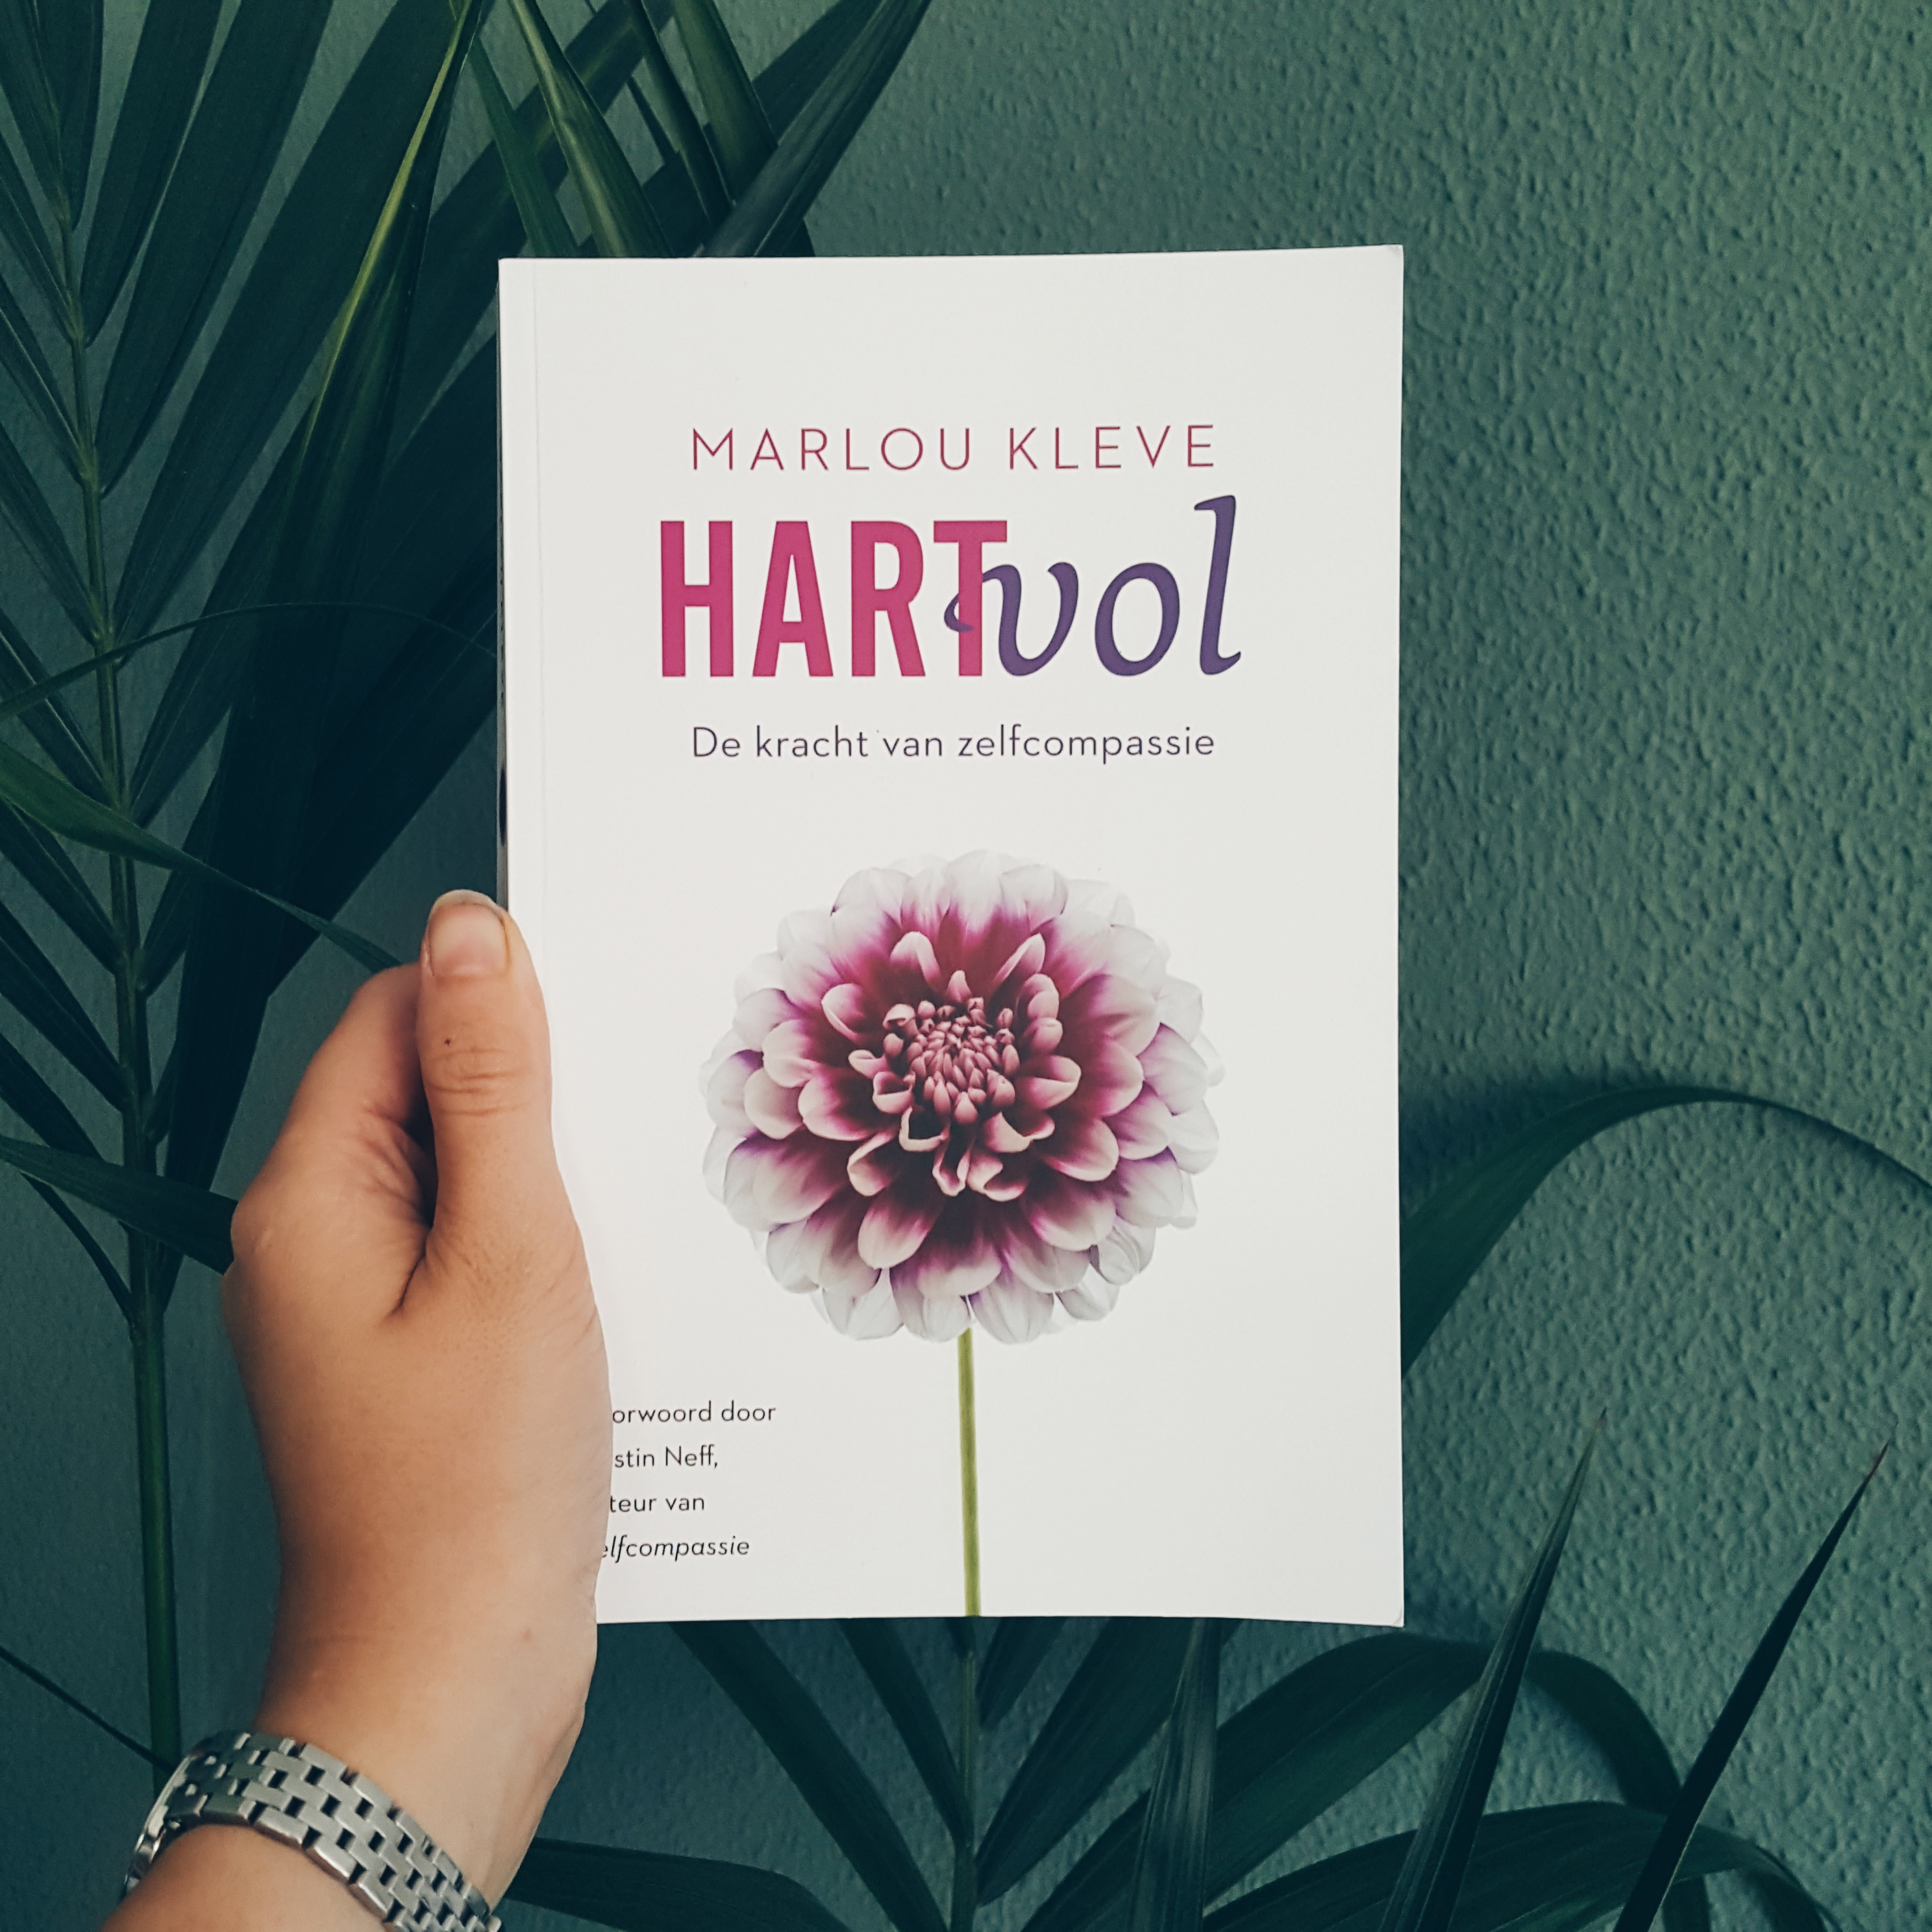 Hartvol – De kracht van zelfcompassie